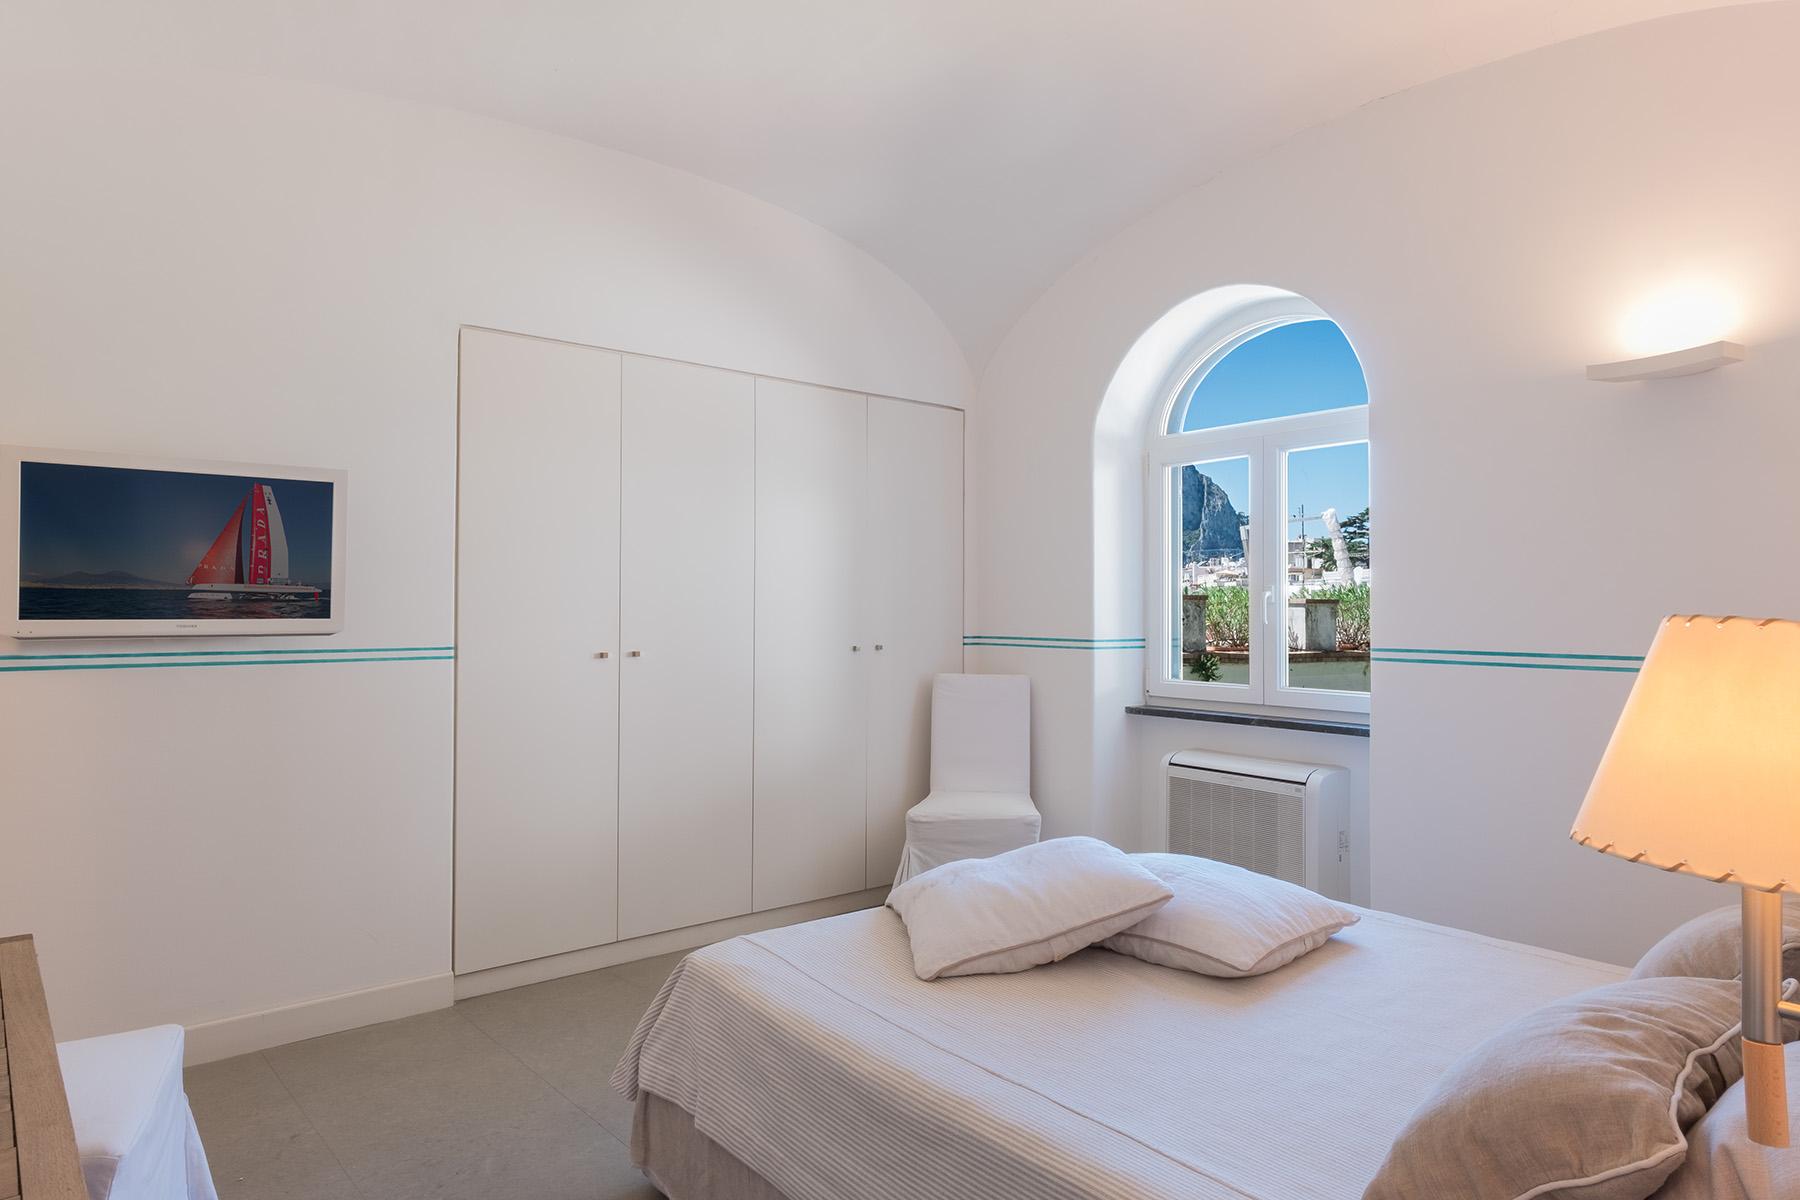 Appartamento in Vendita a Capri: 4 locali, 100 mq - Foto 12